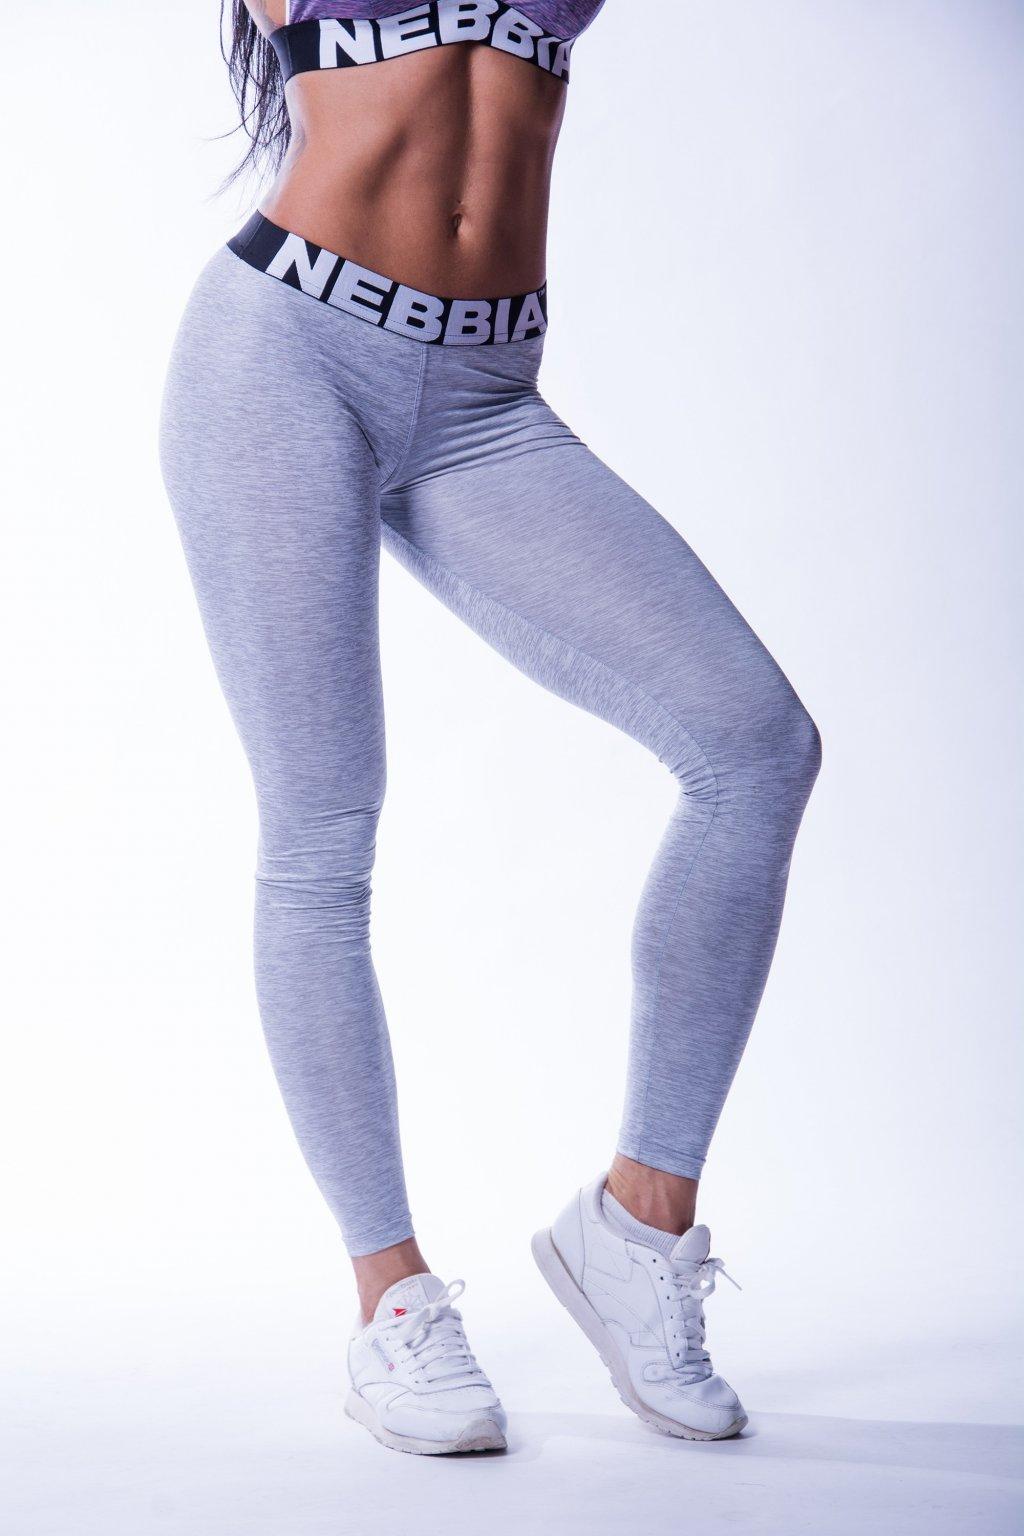 bb98660d9 NEBBIA fitness oblečenie - LuxBody